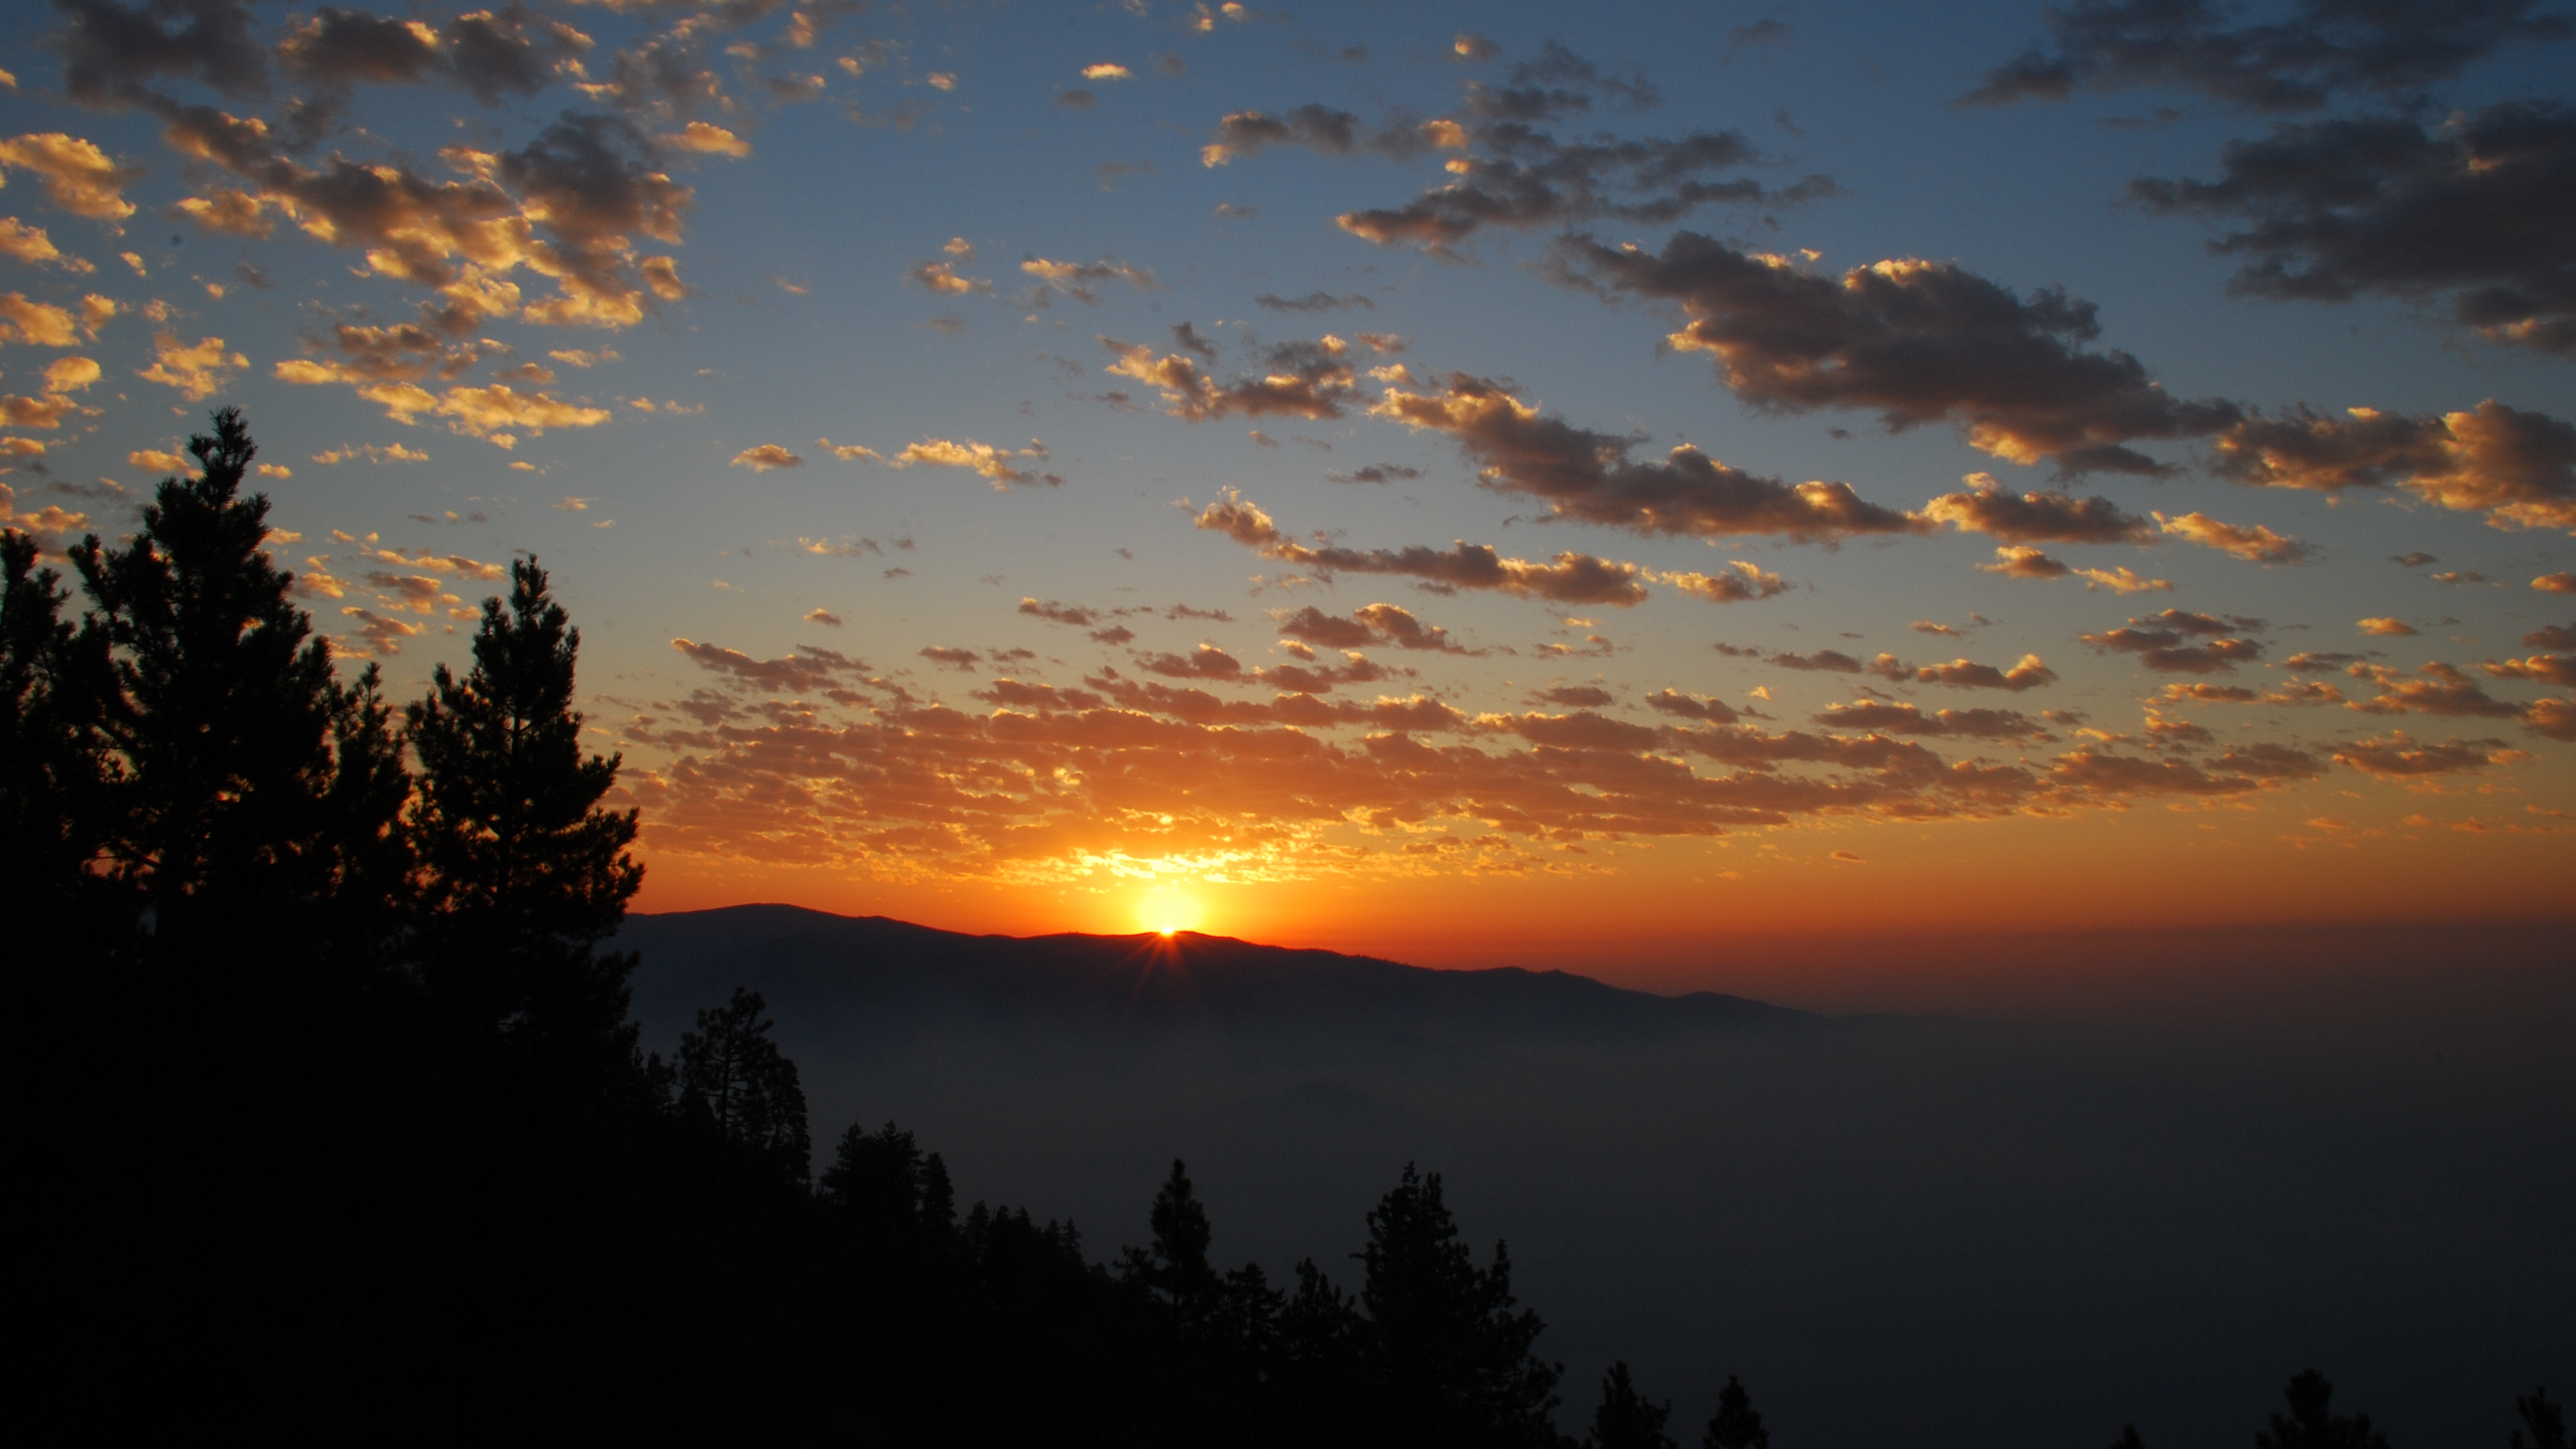 dawn mountains clouds sun 4k 1541117270 - dawn, mountains, clouds, sun 4k - Mountains, Dawn, Clouds